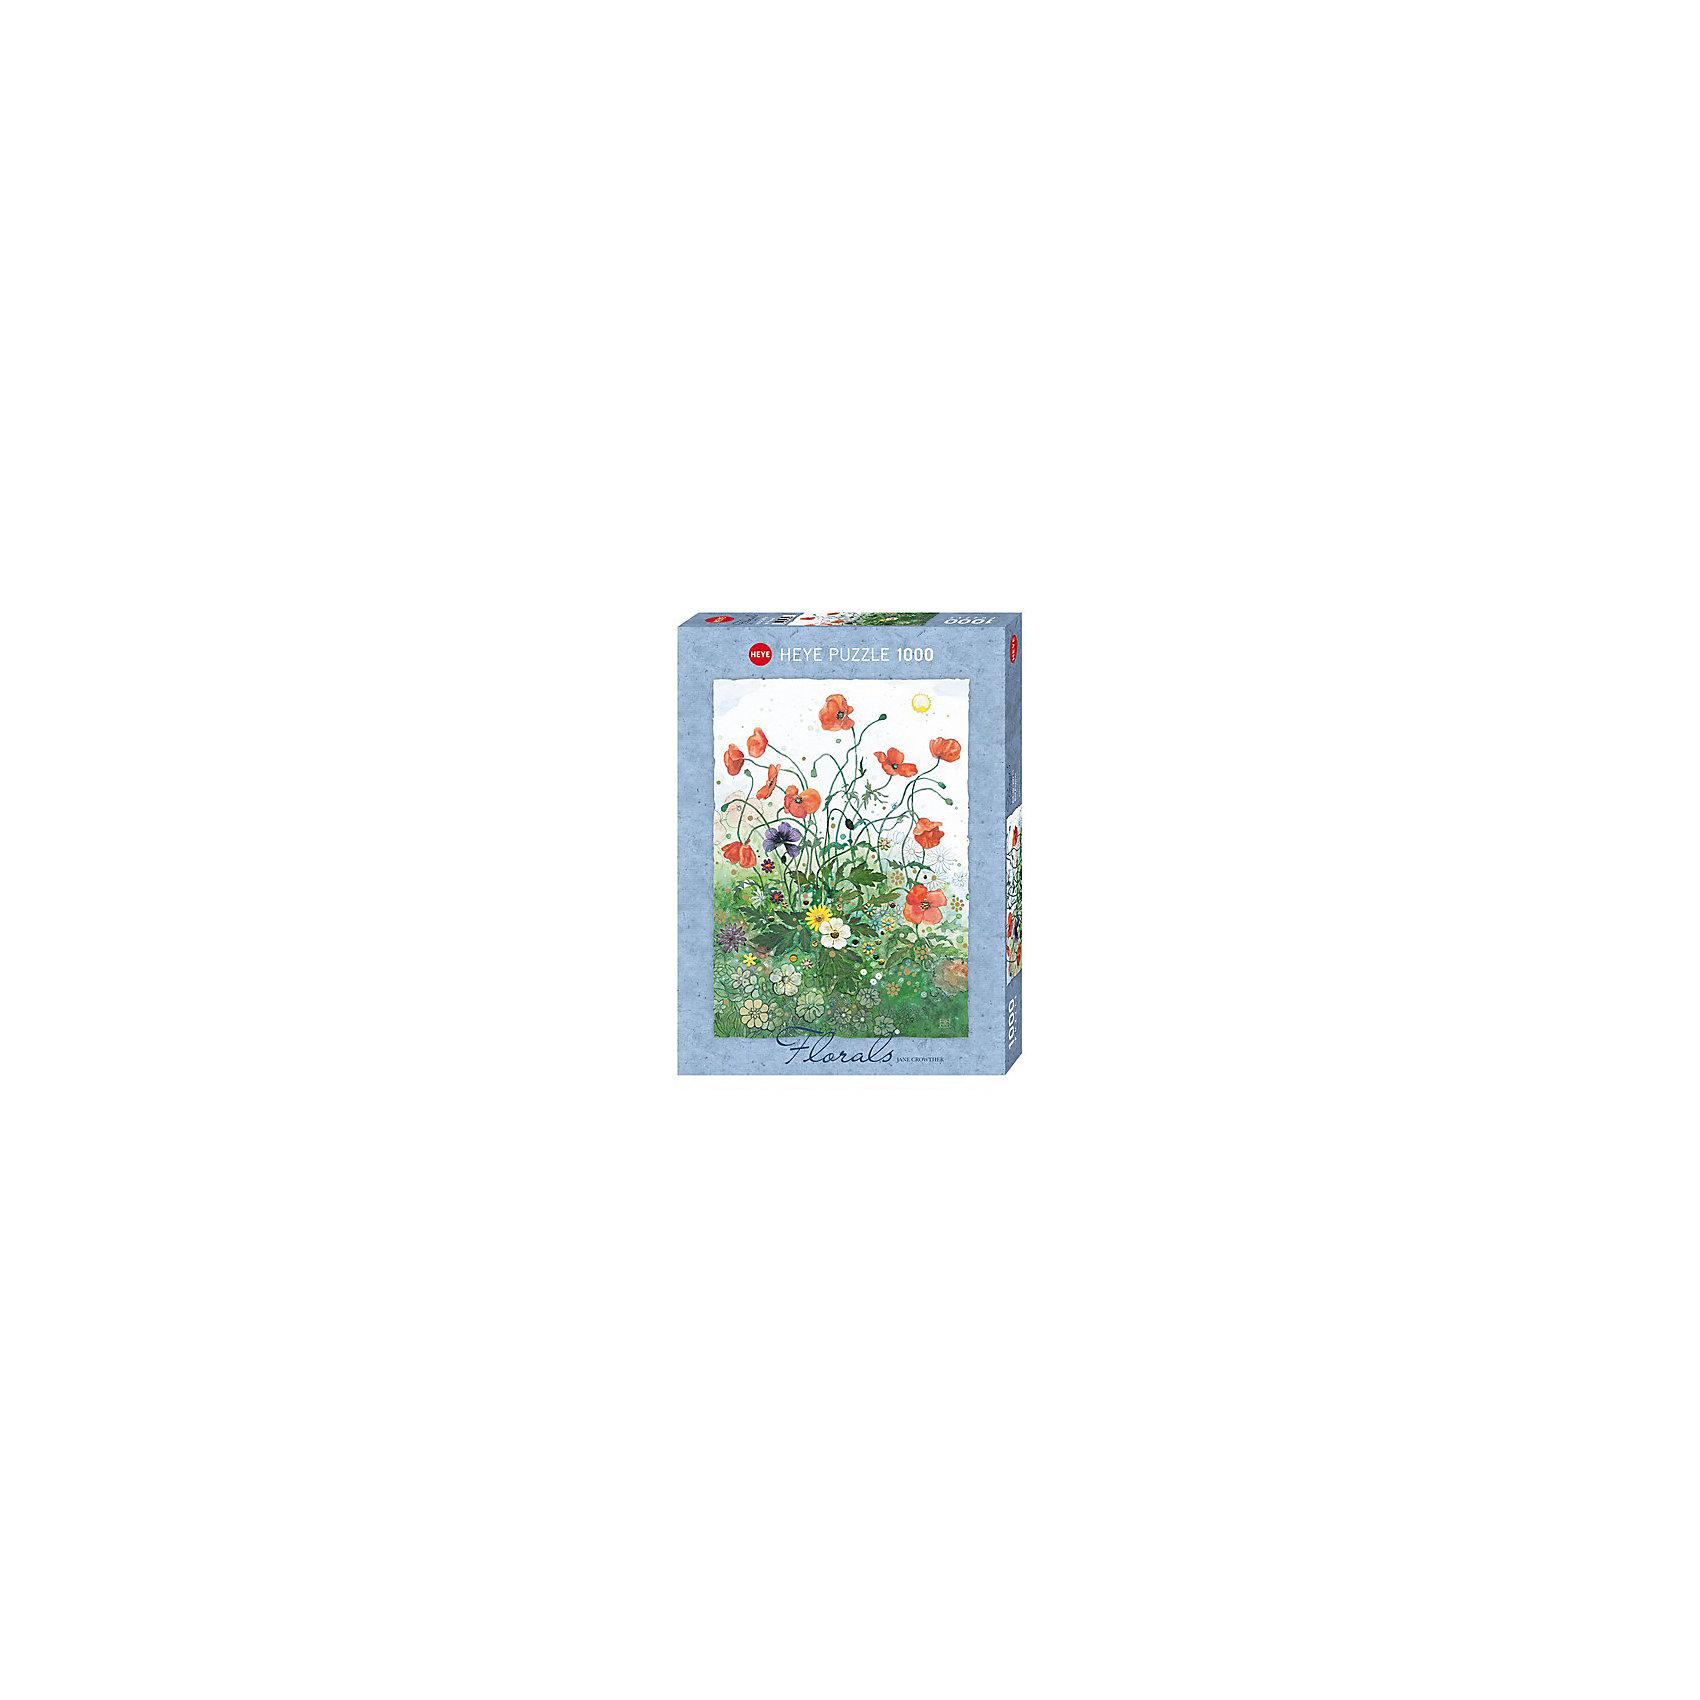 Пазлы Маки, 1000 деталей, с фольгой, HeyeПазлы для детей постарше<br>Характеристики товара:<br><br>• возраст: от 8 лет<br>• количество деталей: 1000 деталей <br>• размер собранного пазла: 70х50 см.<br>• материал: картон<br>• упаковка: картонная коробка в форме треугольника<br>• размер упаковки: 37х27х5 см.<br>• вес: 840 гр.<br>• страна обладатель бренда: Германия<br>                                                                                                                       Яркие элементы  пазла образуют красочную и романтичную картину красных маков в поле, которая замечательно дополнит интерьер и будет поднимать настроение вам и окружающим. <br><br>Оригинальная упаковка пазла в виде треугольника отлично подойдет в качестве оригинального незабываемого подарка подарка.<br><br>Качественный материал элементов пазла позволяет  собрать и сохранить картину, создавая в меру глянцевый эффект (а значит не сильно бликующий) и хорошую сцепку деталей. <br><br>Сбор элементов в одно изображение способствует развитию образного и логического мышления. Является увлекательным и интересным процессом, который в свою очередь обладает великолепным  релаксационным эффектом.<br><br>Пазл Маки, 1000 деталей, HEYE ( ХАЙЕ) можно купить в нашем интернет-магазине.<br><br>Ширина мм: 371<br>Глубина мм: 55<br>Высота мм: 271<br>Вес г: 840<br>Возраст от месяцев: 216<br>Возраст до месяцев: 2147483647<br>Пол: Унисекс<br>Возраст: Детский<br>SKU: 6881440